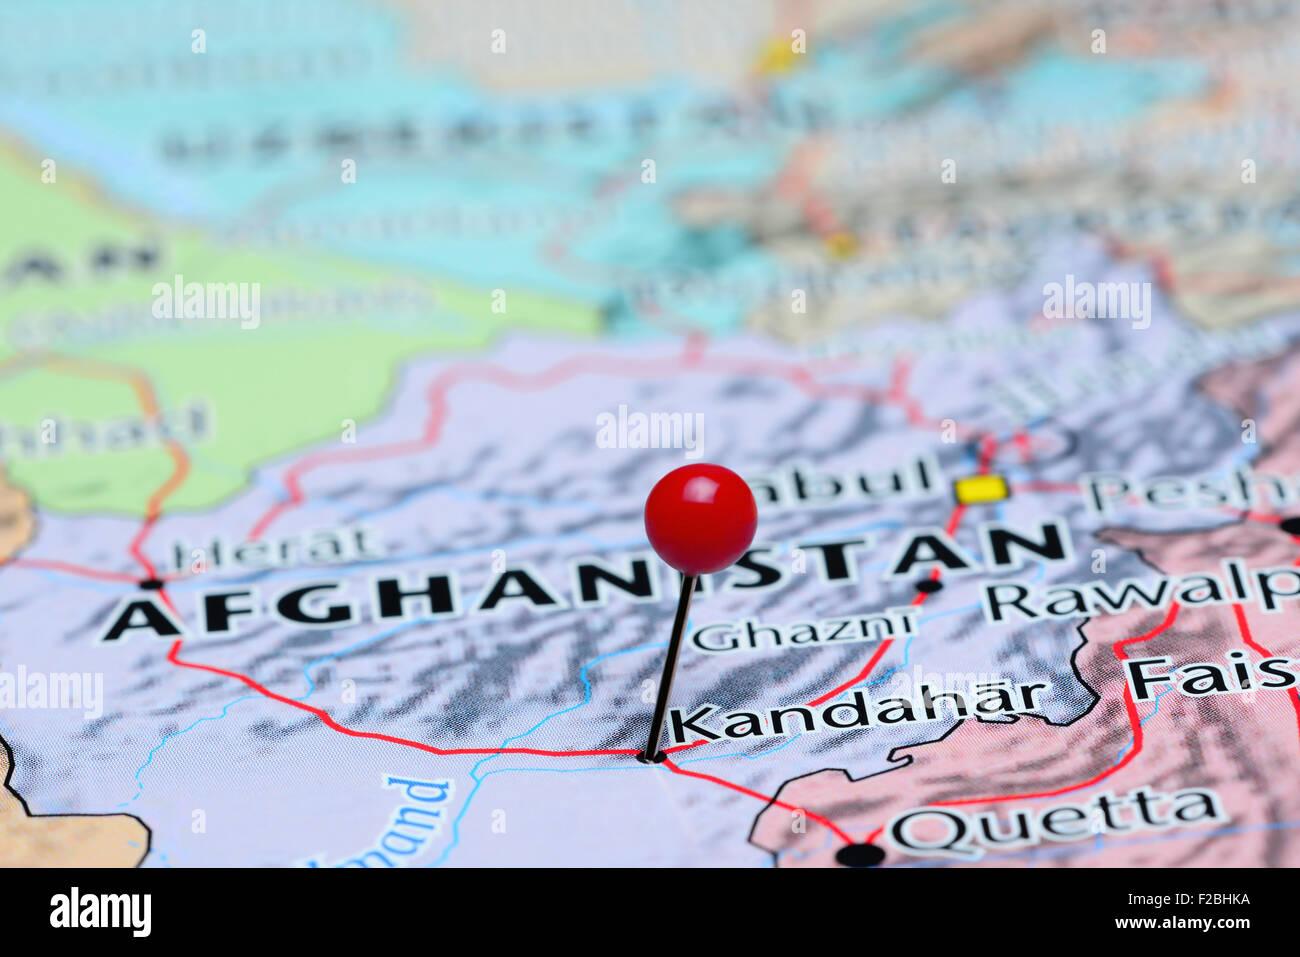 Kandahar World Map